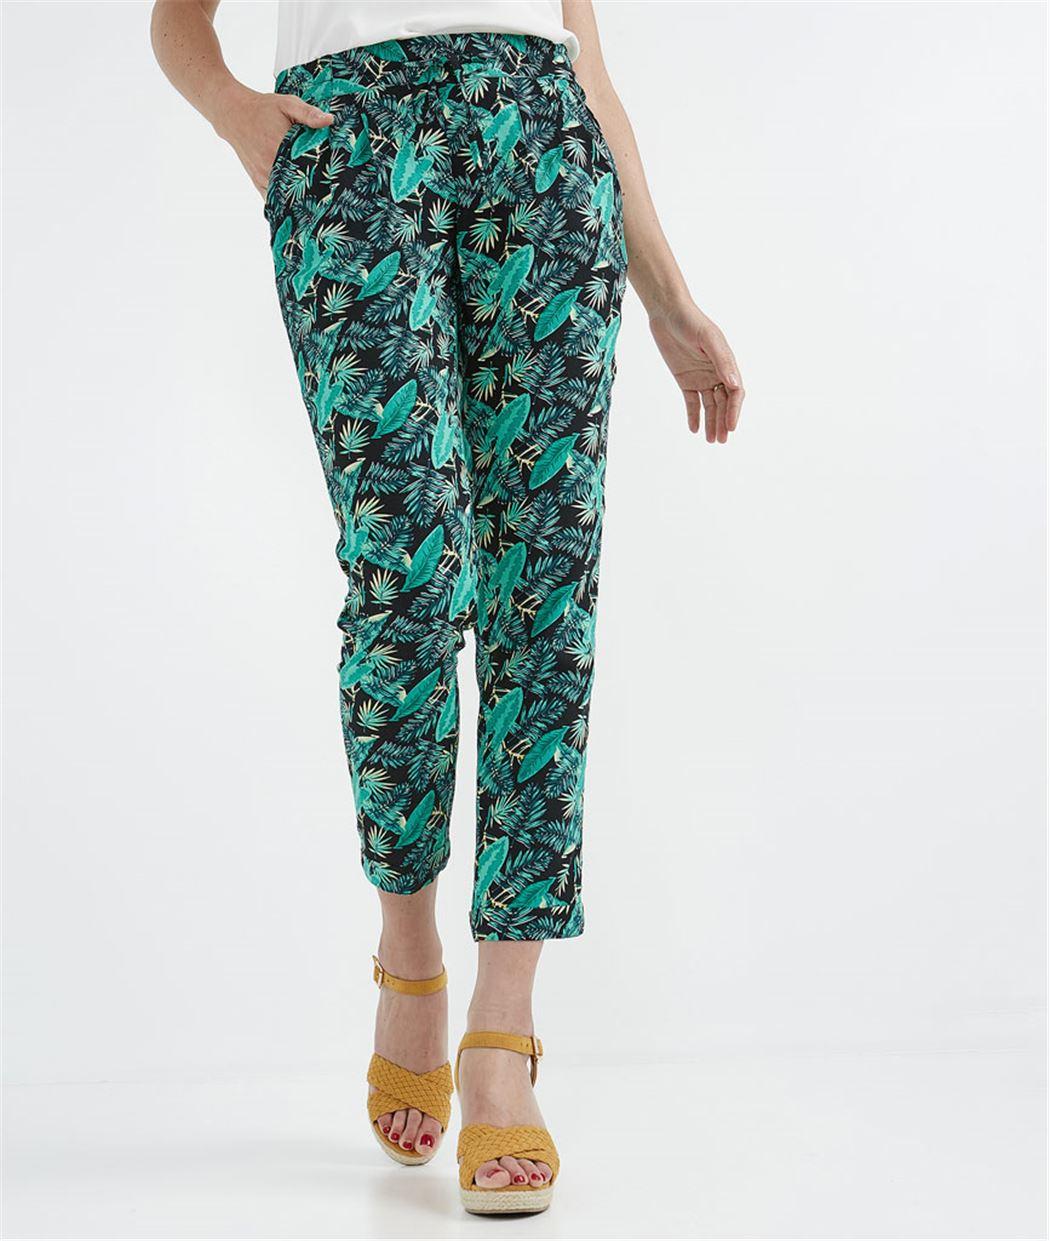 Pantalon femme fluide taille élastiquée MULTICOLORE